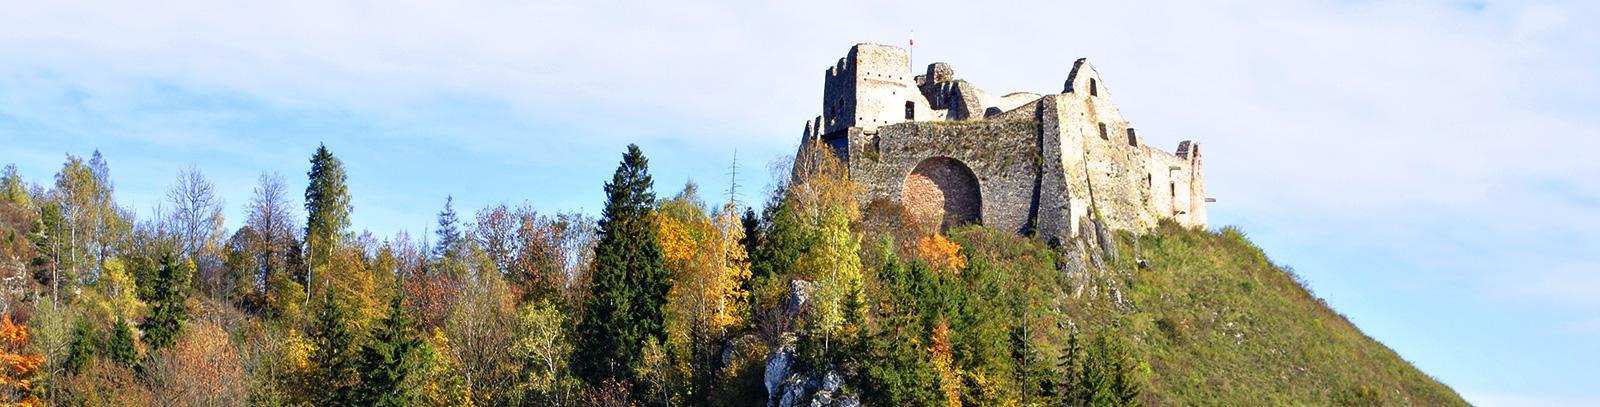 Zamek Czorsztyński